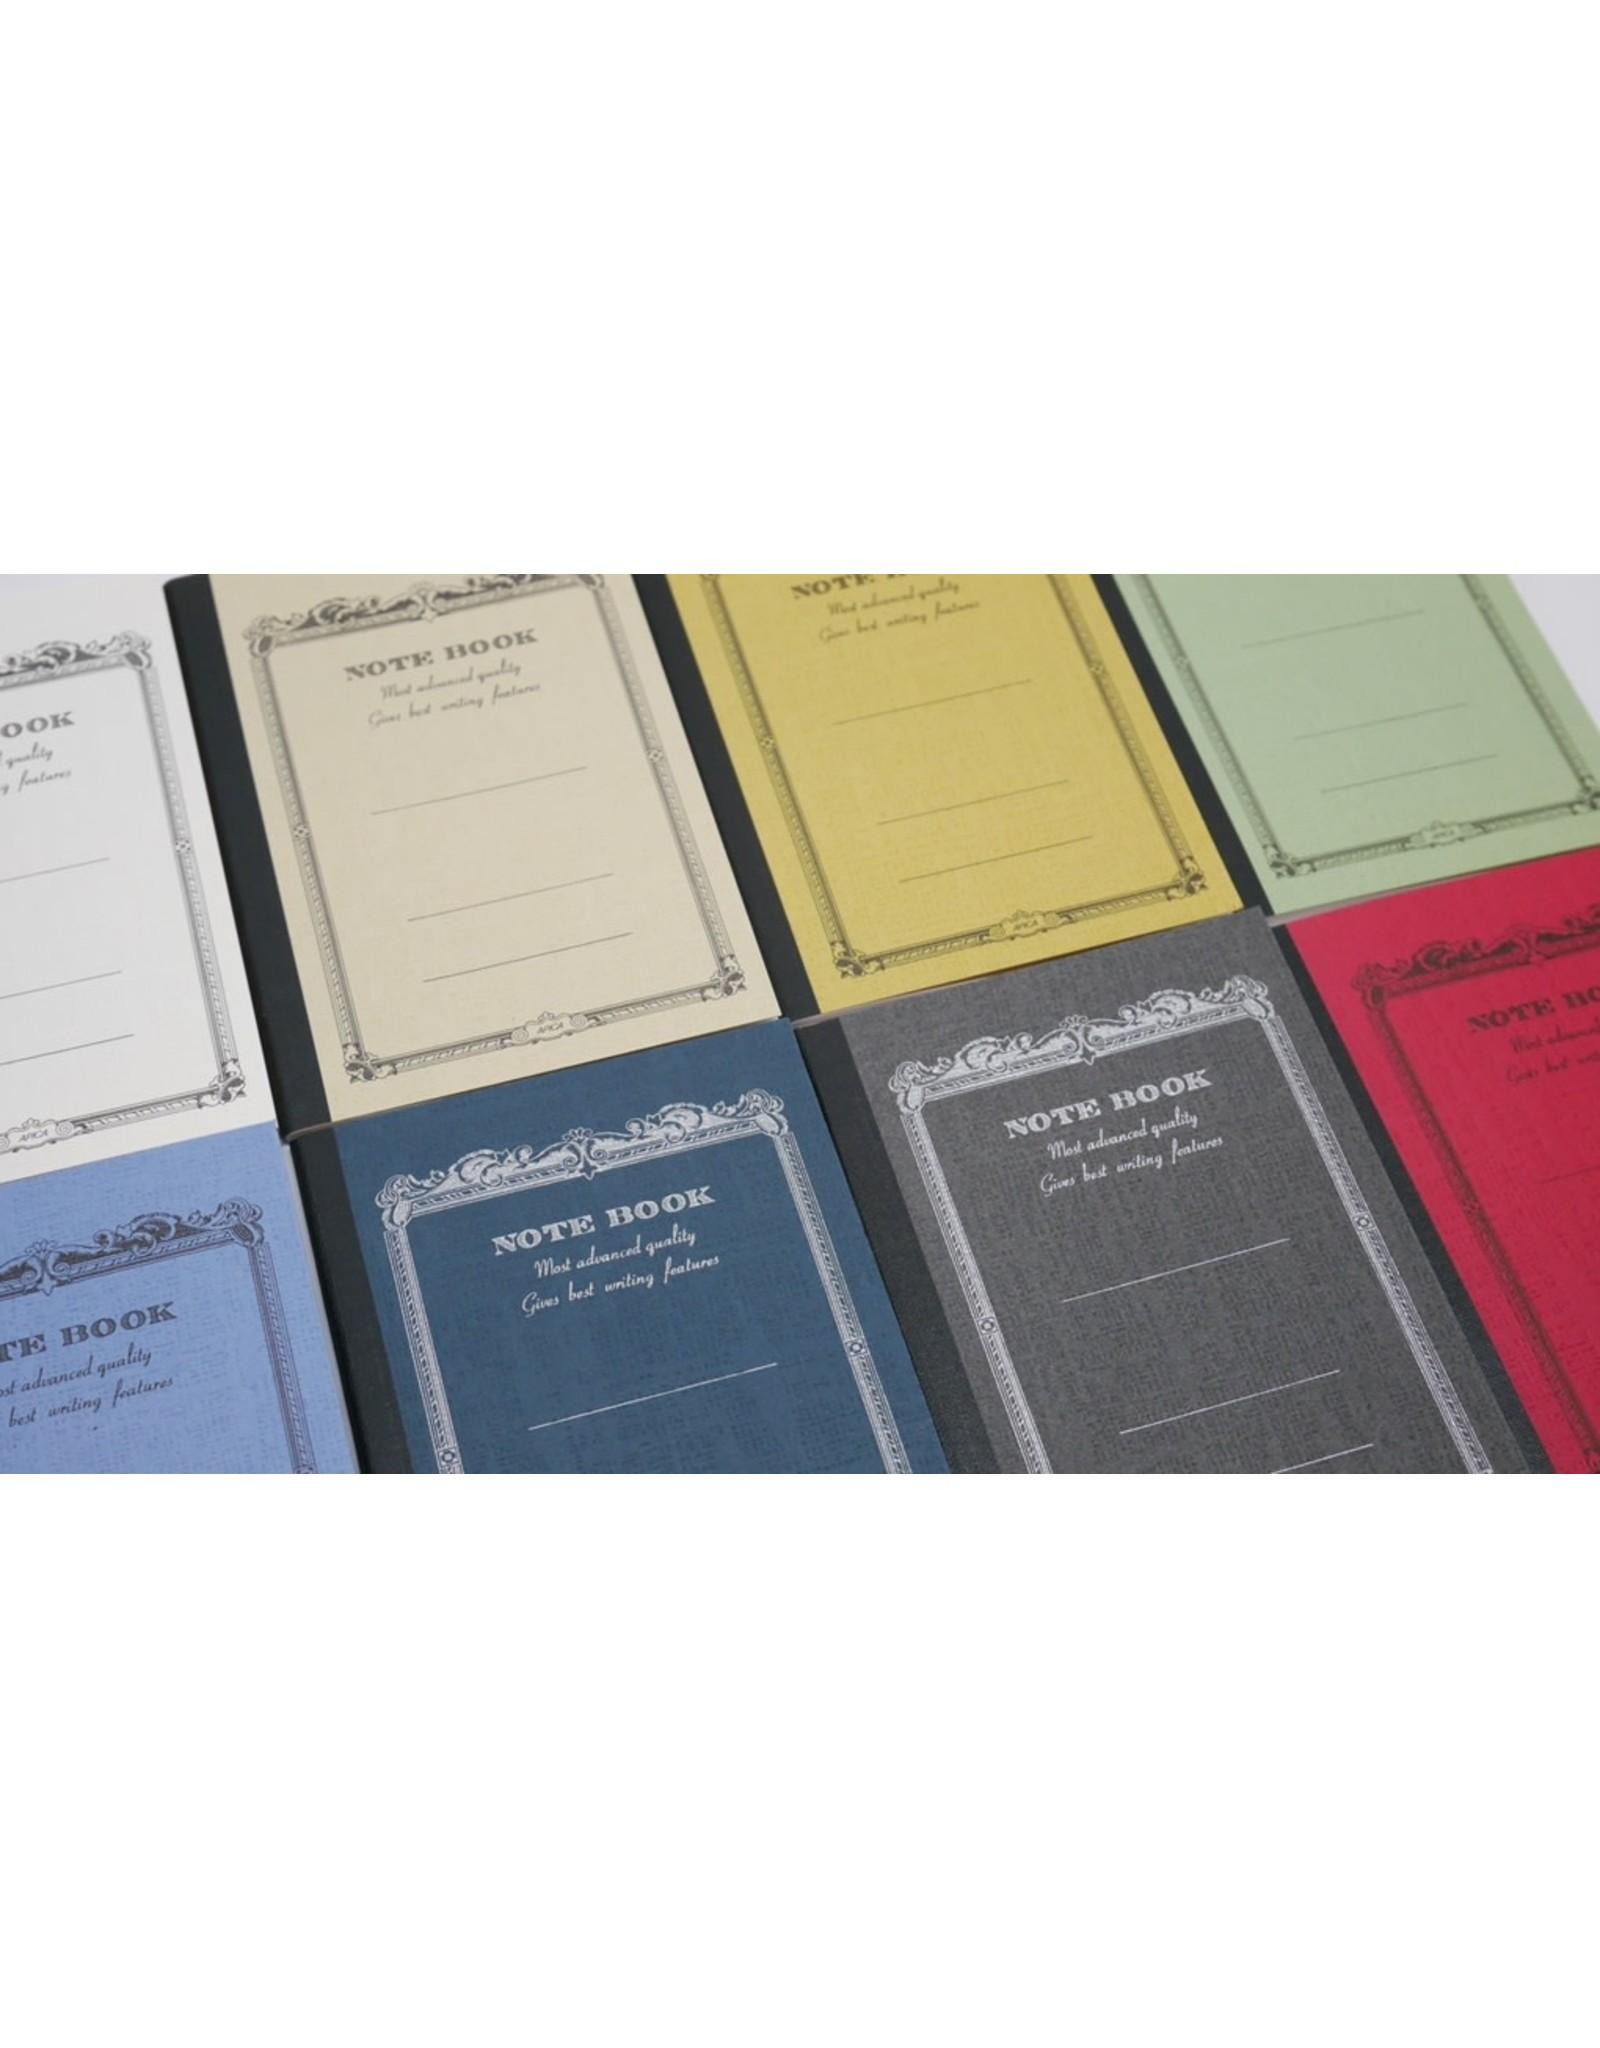 APICA Co., Ltd. C.D. NOTEBOOK A6